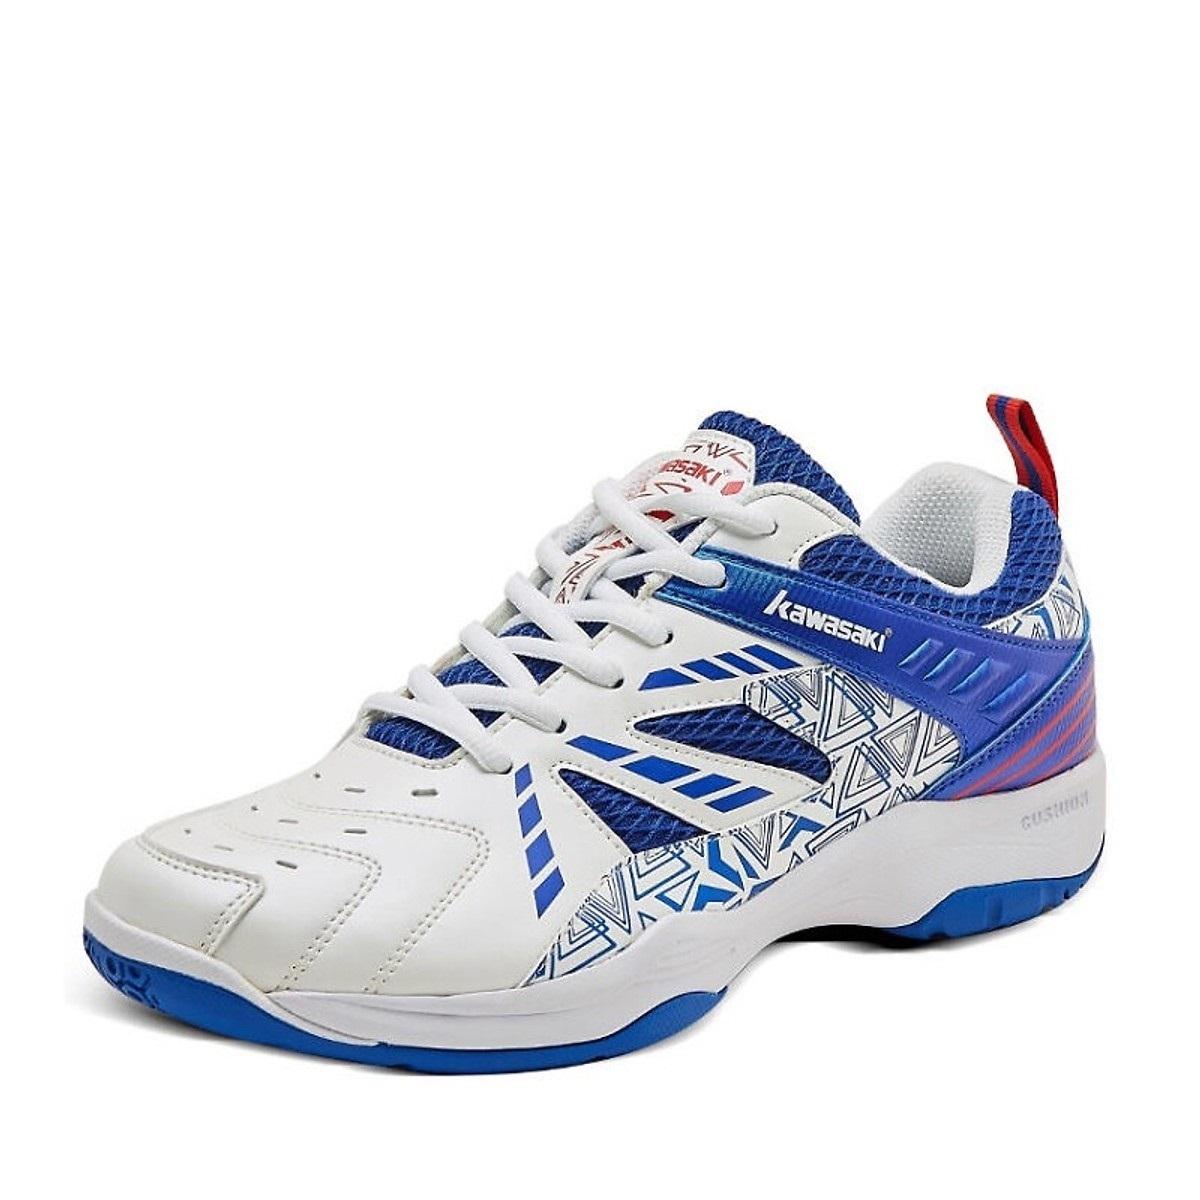 Giày cầu lông nam nữ Kawasaki K080 màu trắng xanh cao cấp, Giày đánh cầu lông, giày bóng chuyền Kawasaki K080, giày đánh bóng bàn Kawasaki K080 màu trắng xanhcao cấp